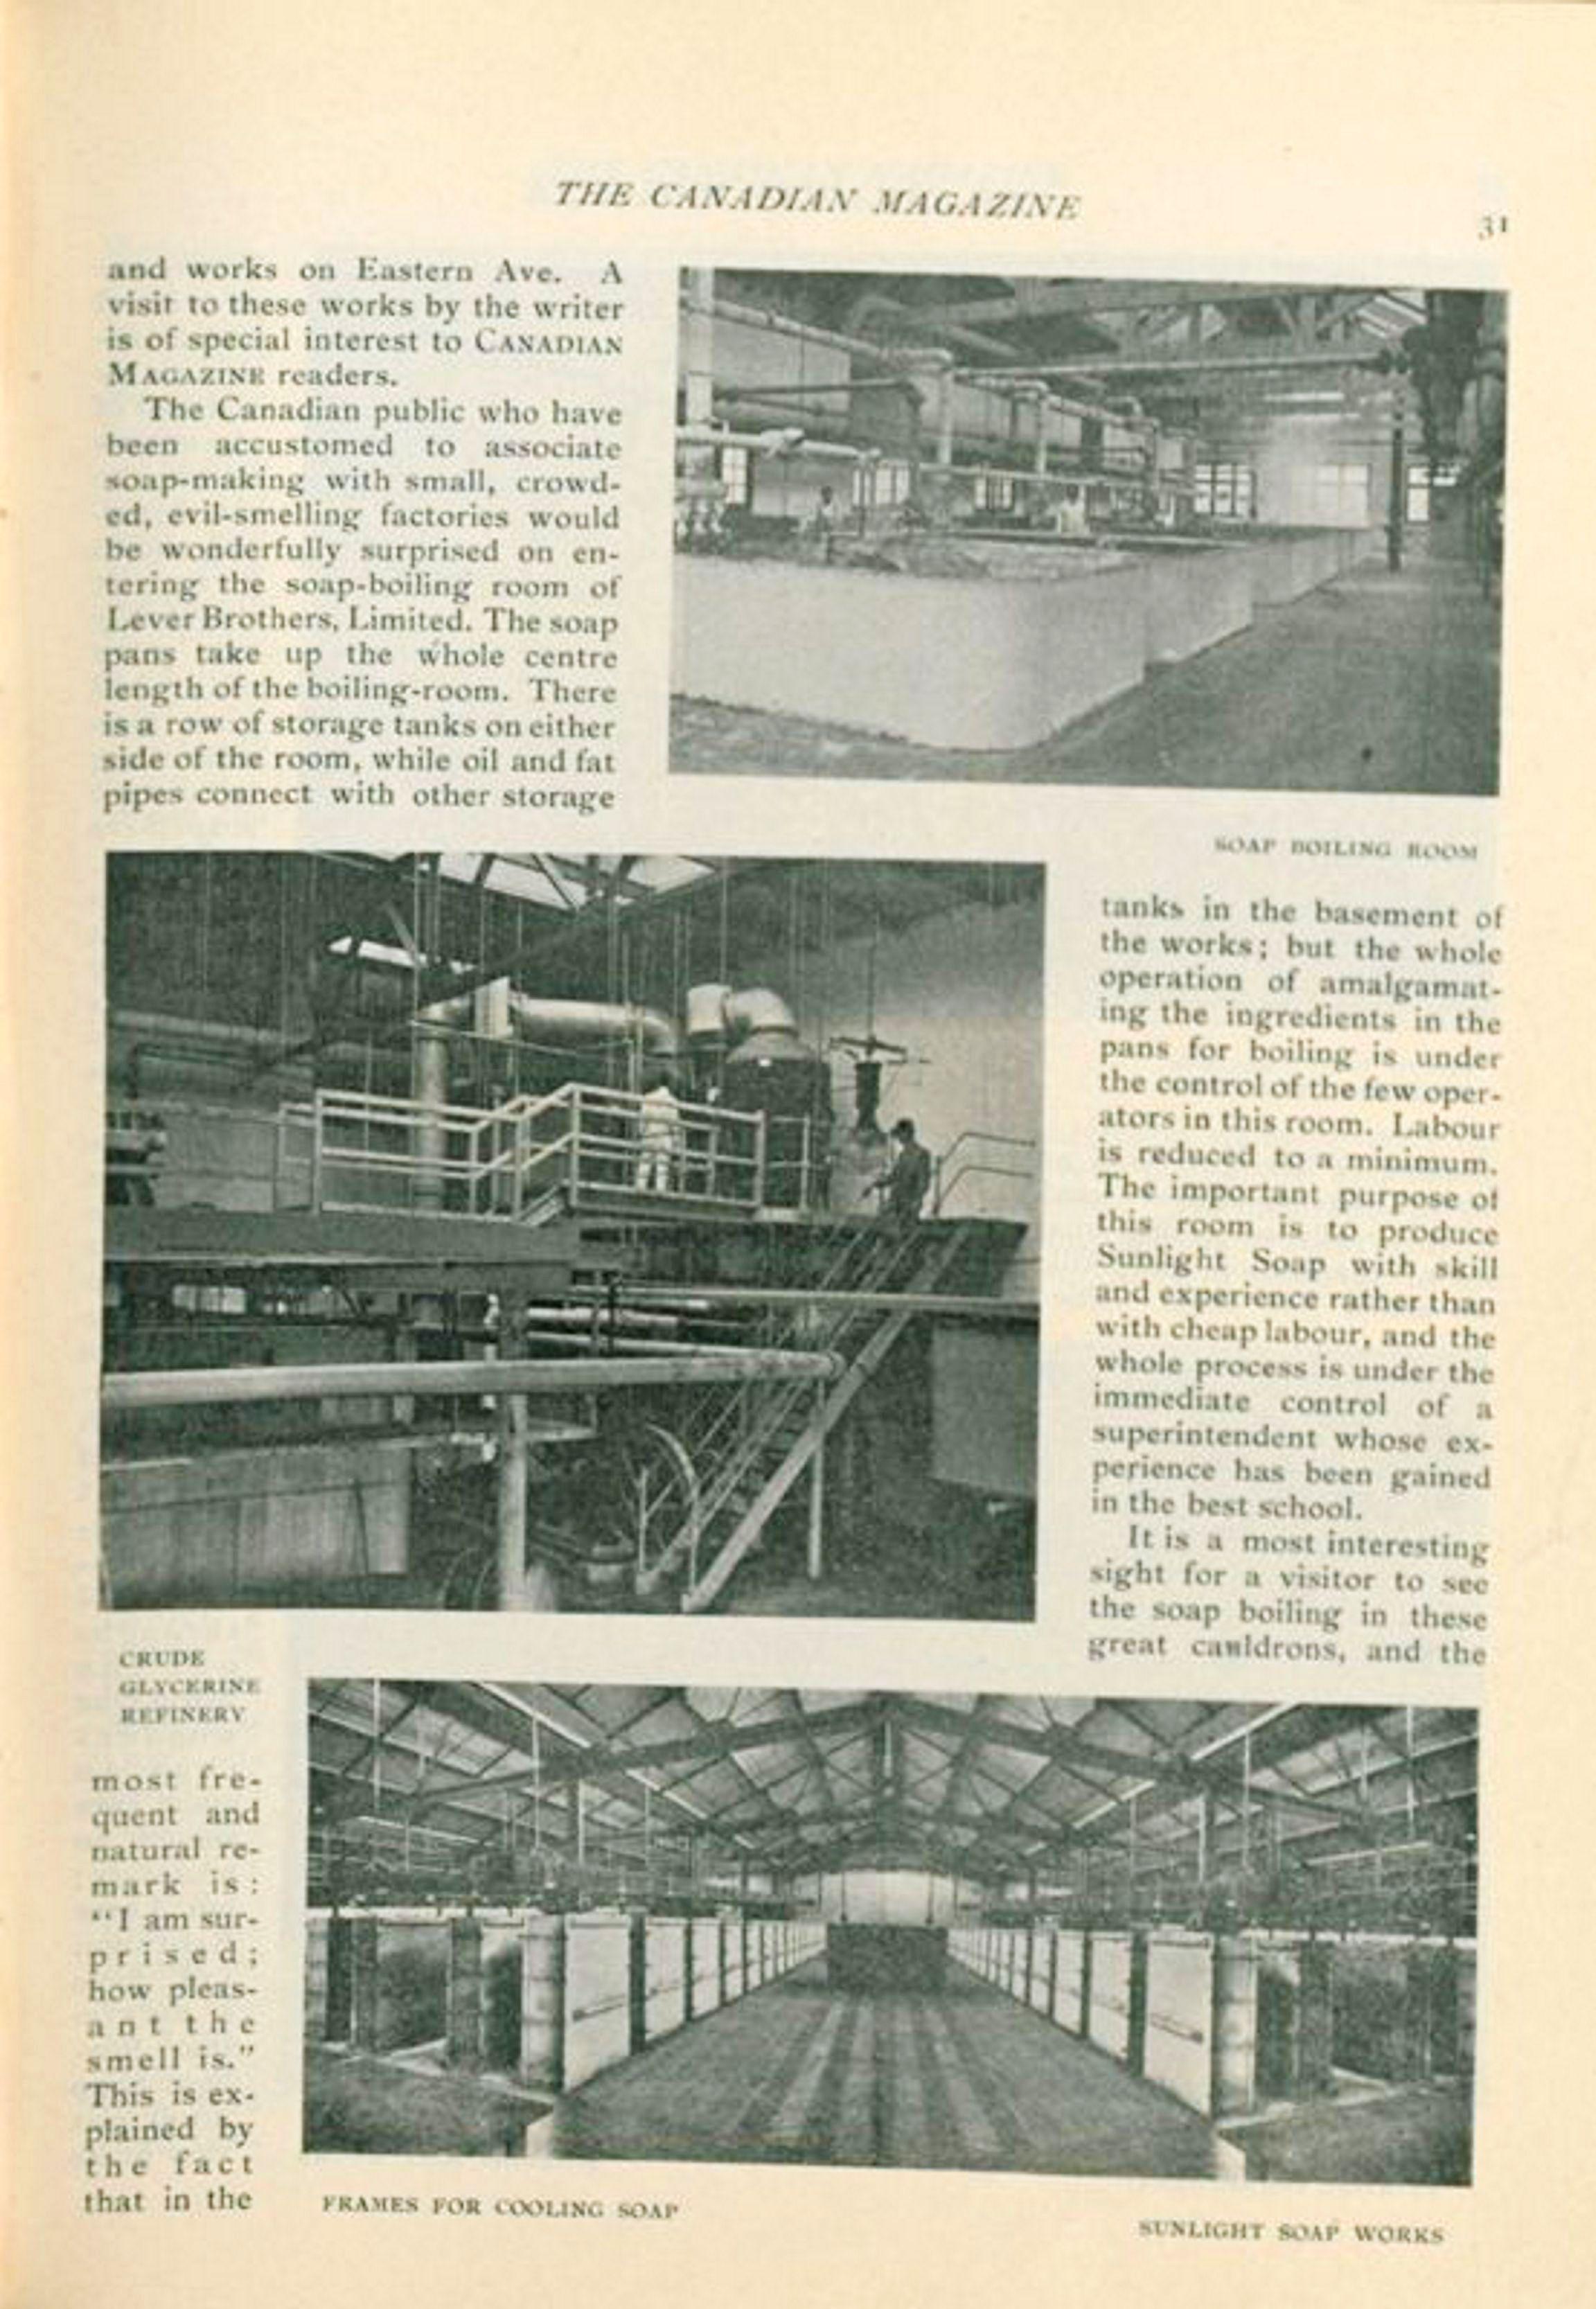 19011200 The Canadian magazine Vol. 18, no. 2 (Dec. 1901) 31